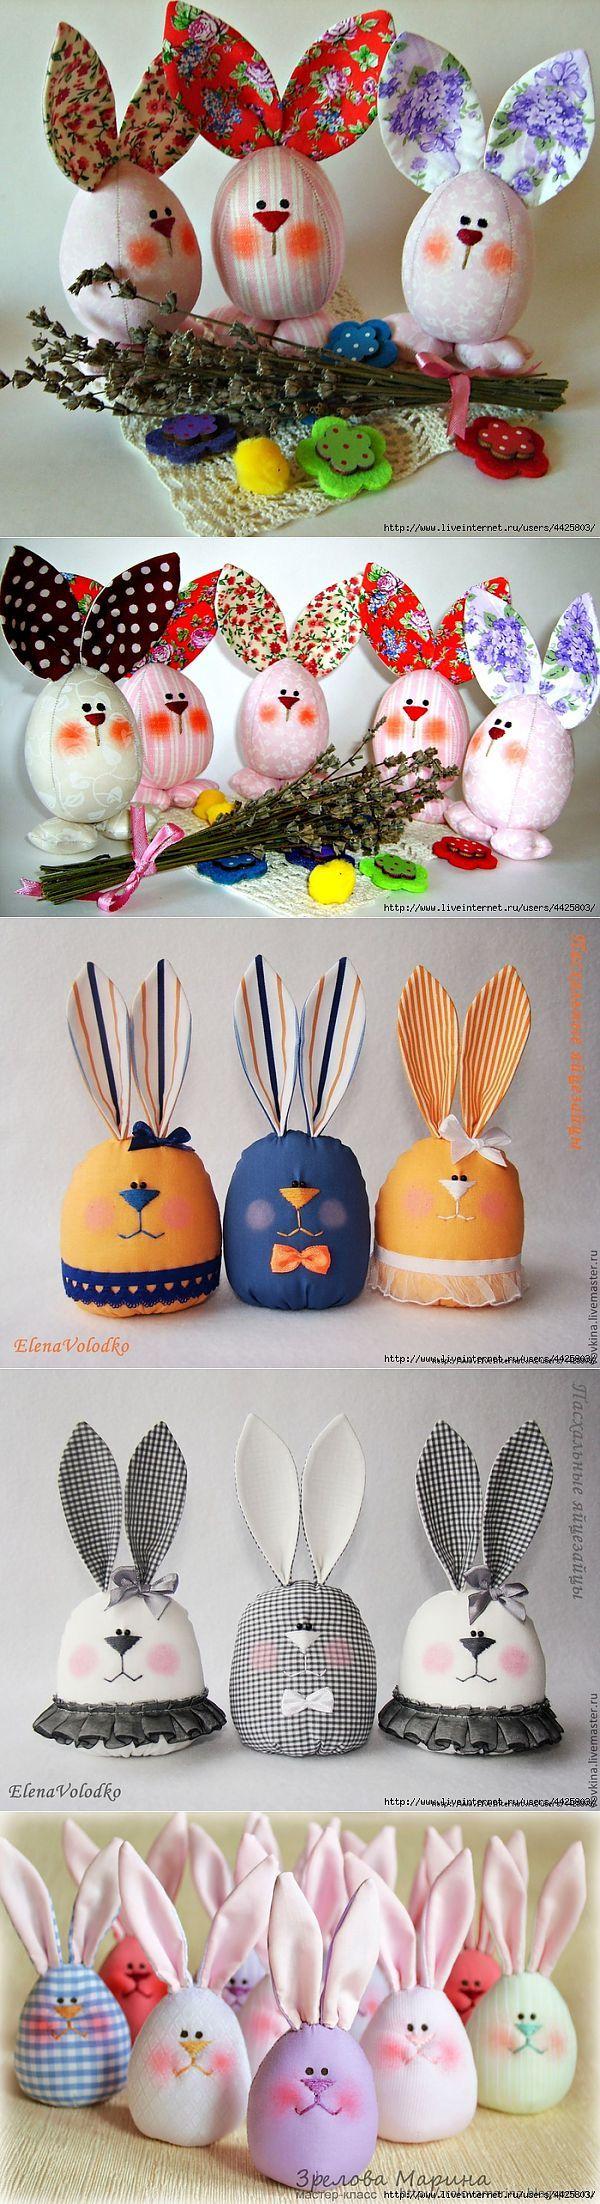 Шьем пасхальные яйца-веселые зайцы. Идеи и мастер-класс. | игрушки | Постила